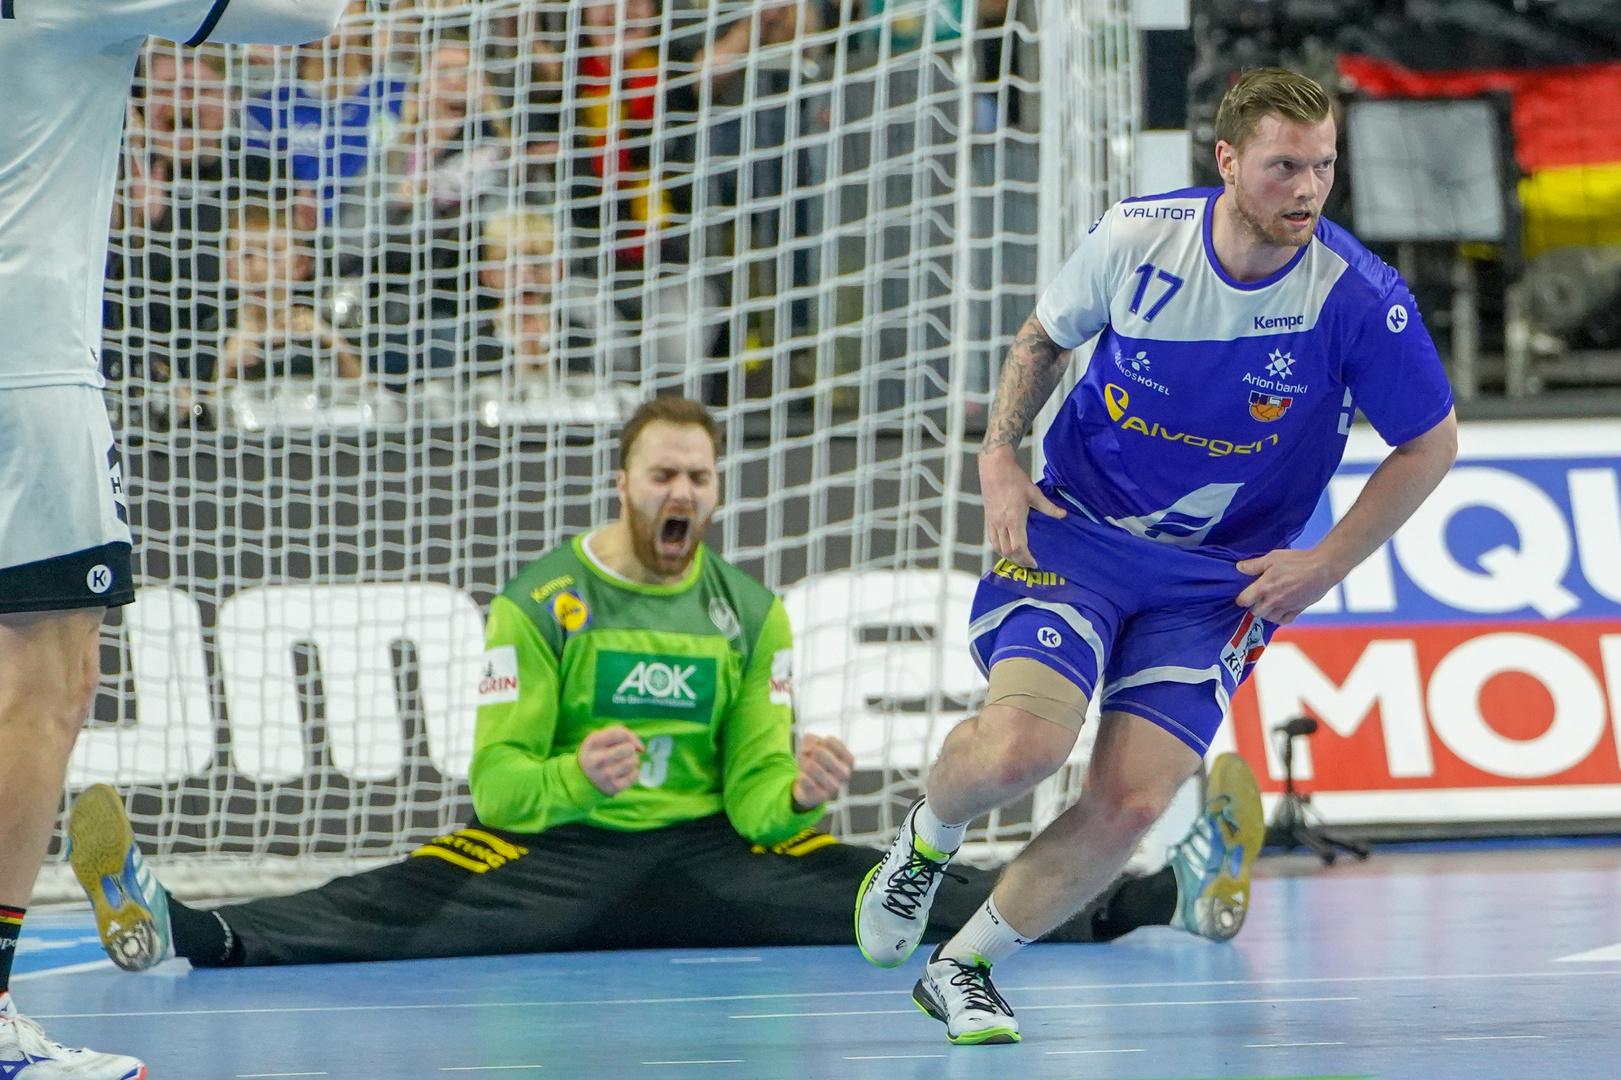 Ihf Handball Wm 2019